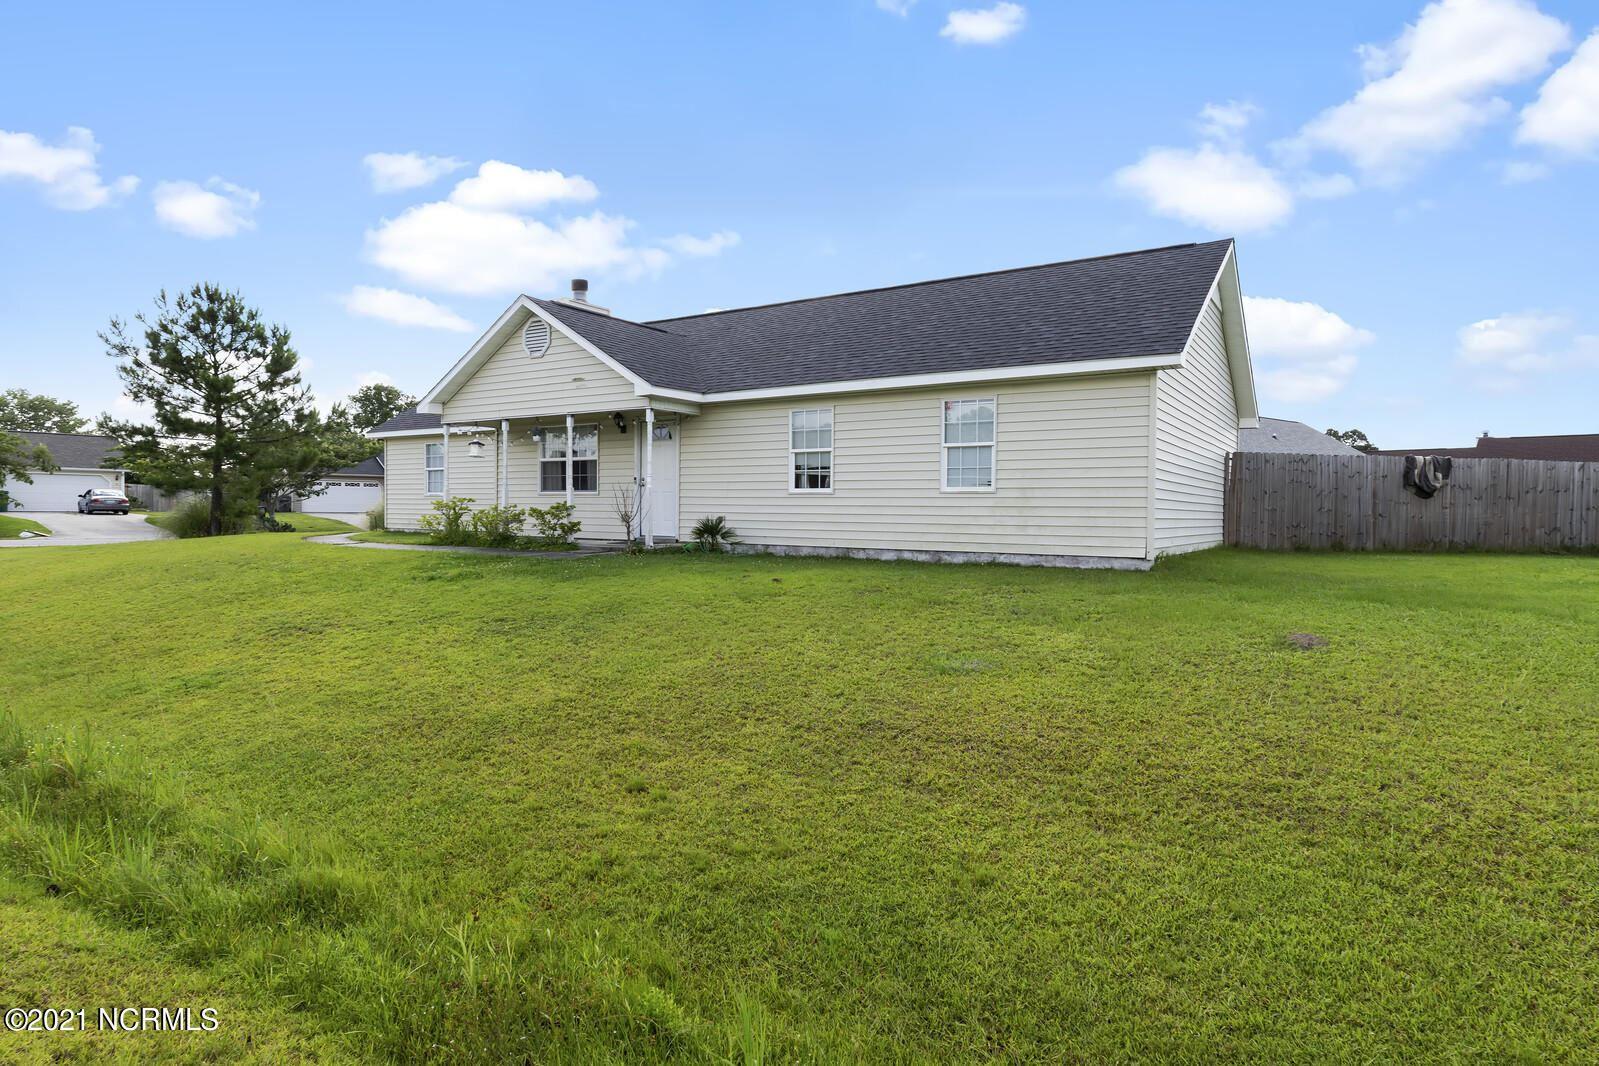 Photo of 206 Zachary Lane, Hubert, NC 28539 (MLS # 100281912)